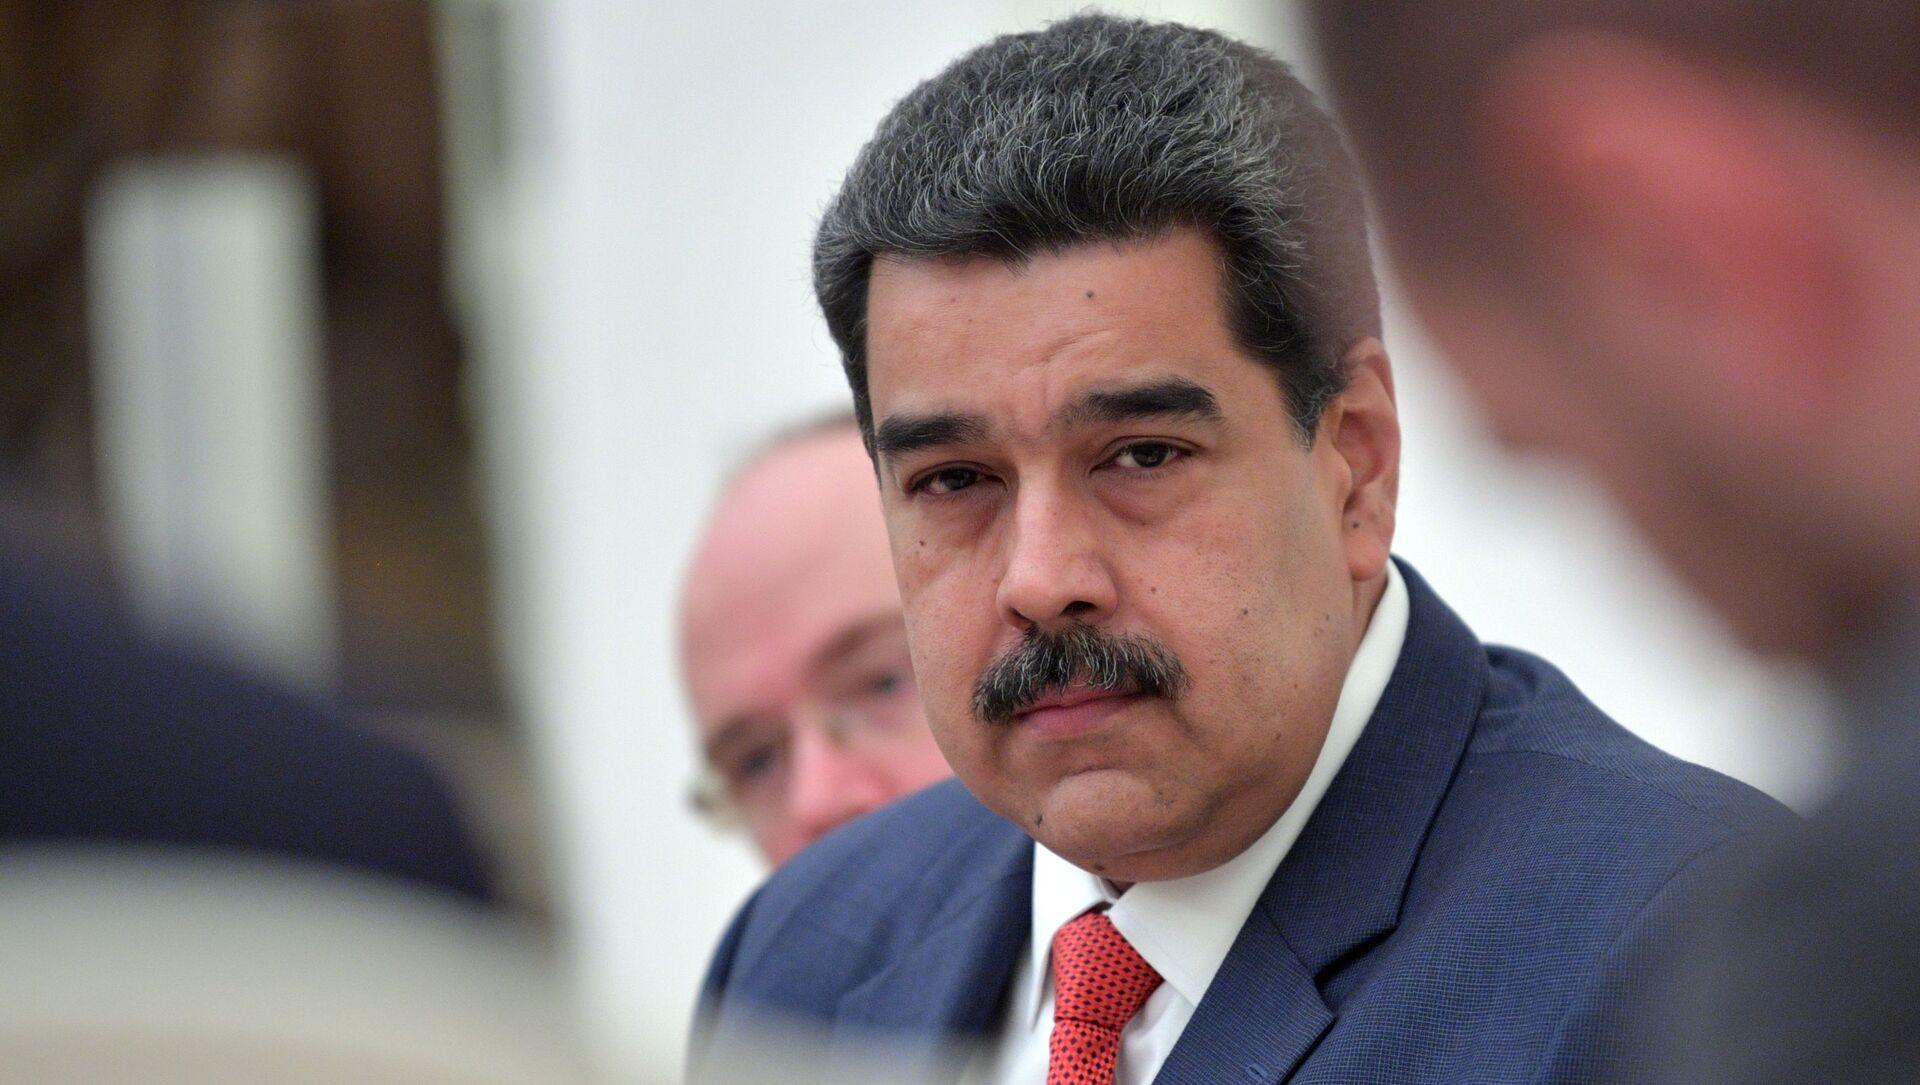 Venezuelan President Nicolas Maduro. File photo. - Sputnik Italia, 1920, 25.02.2021